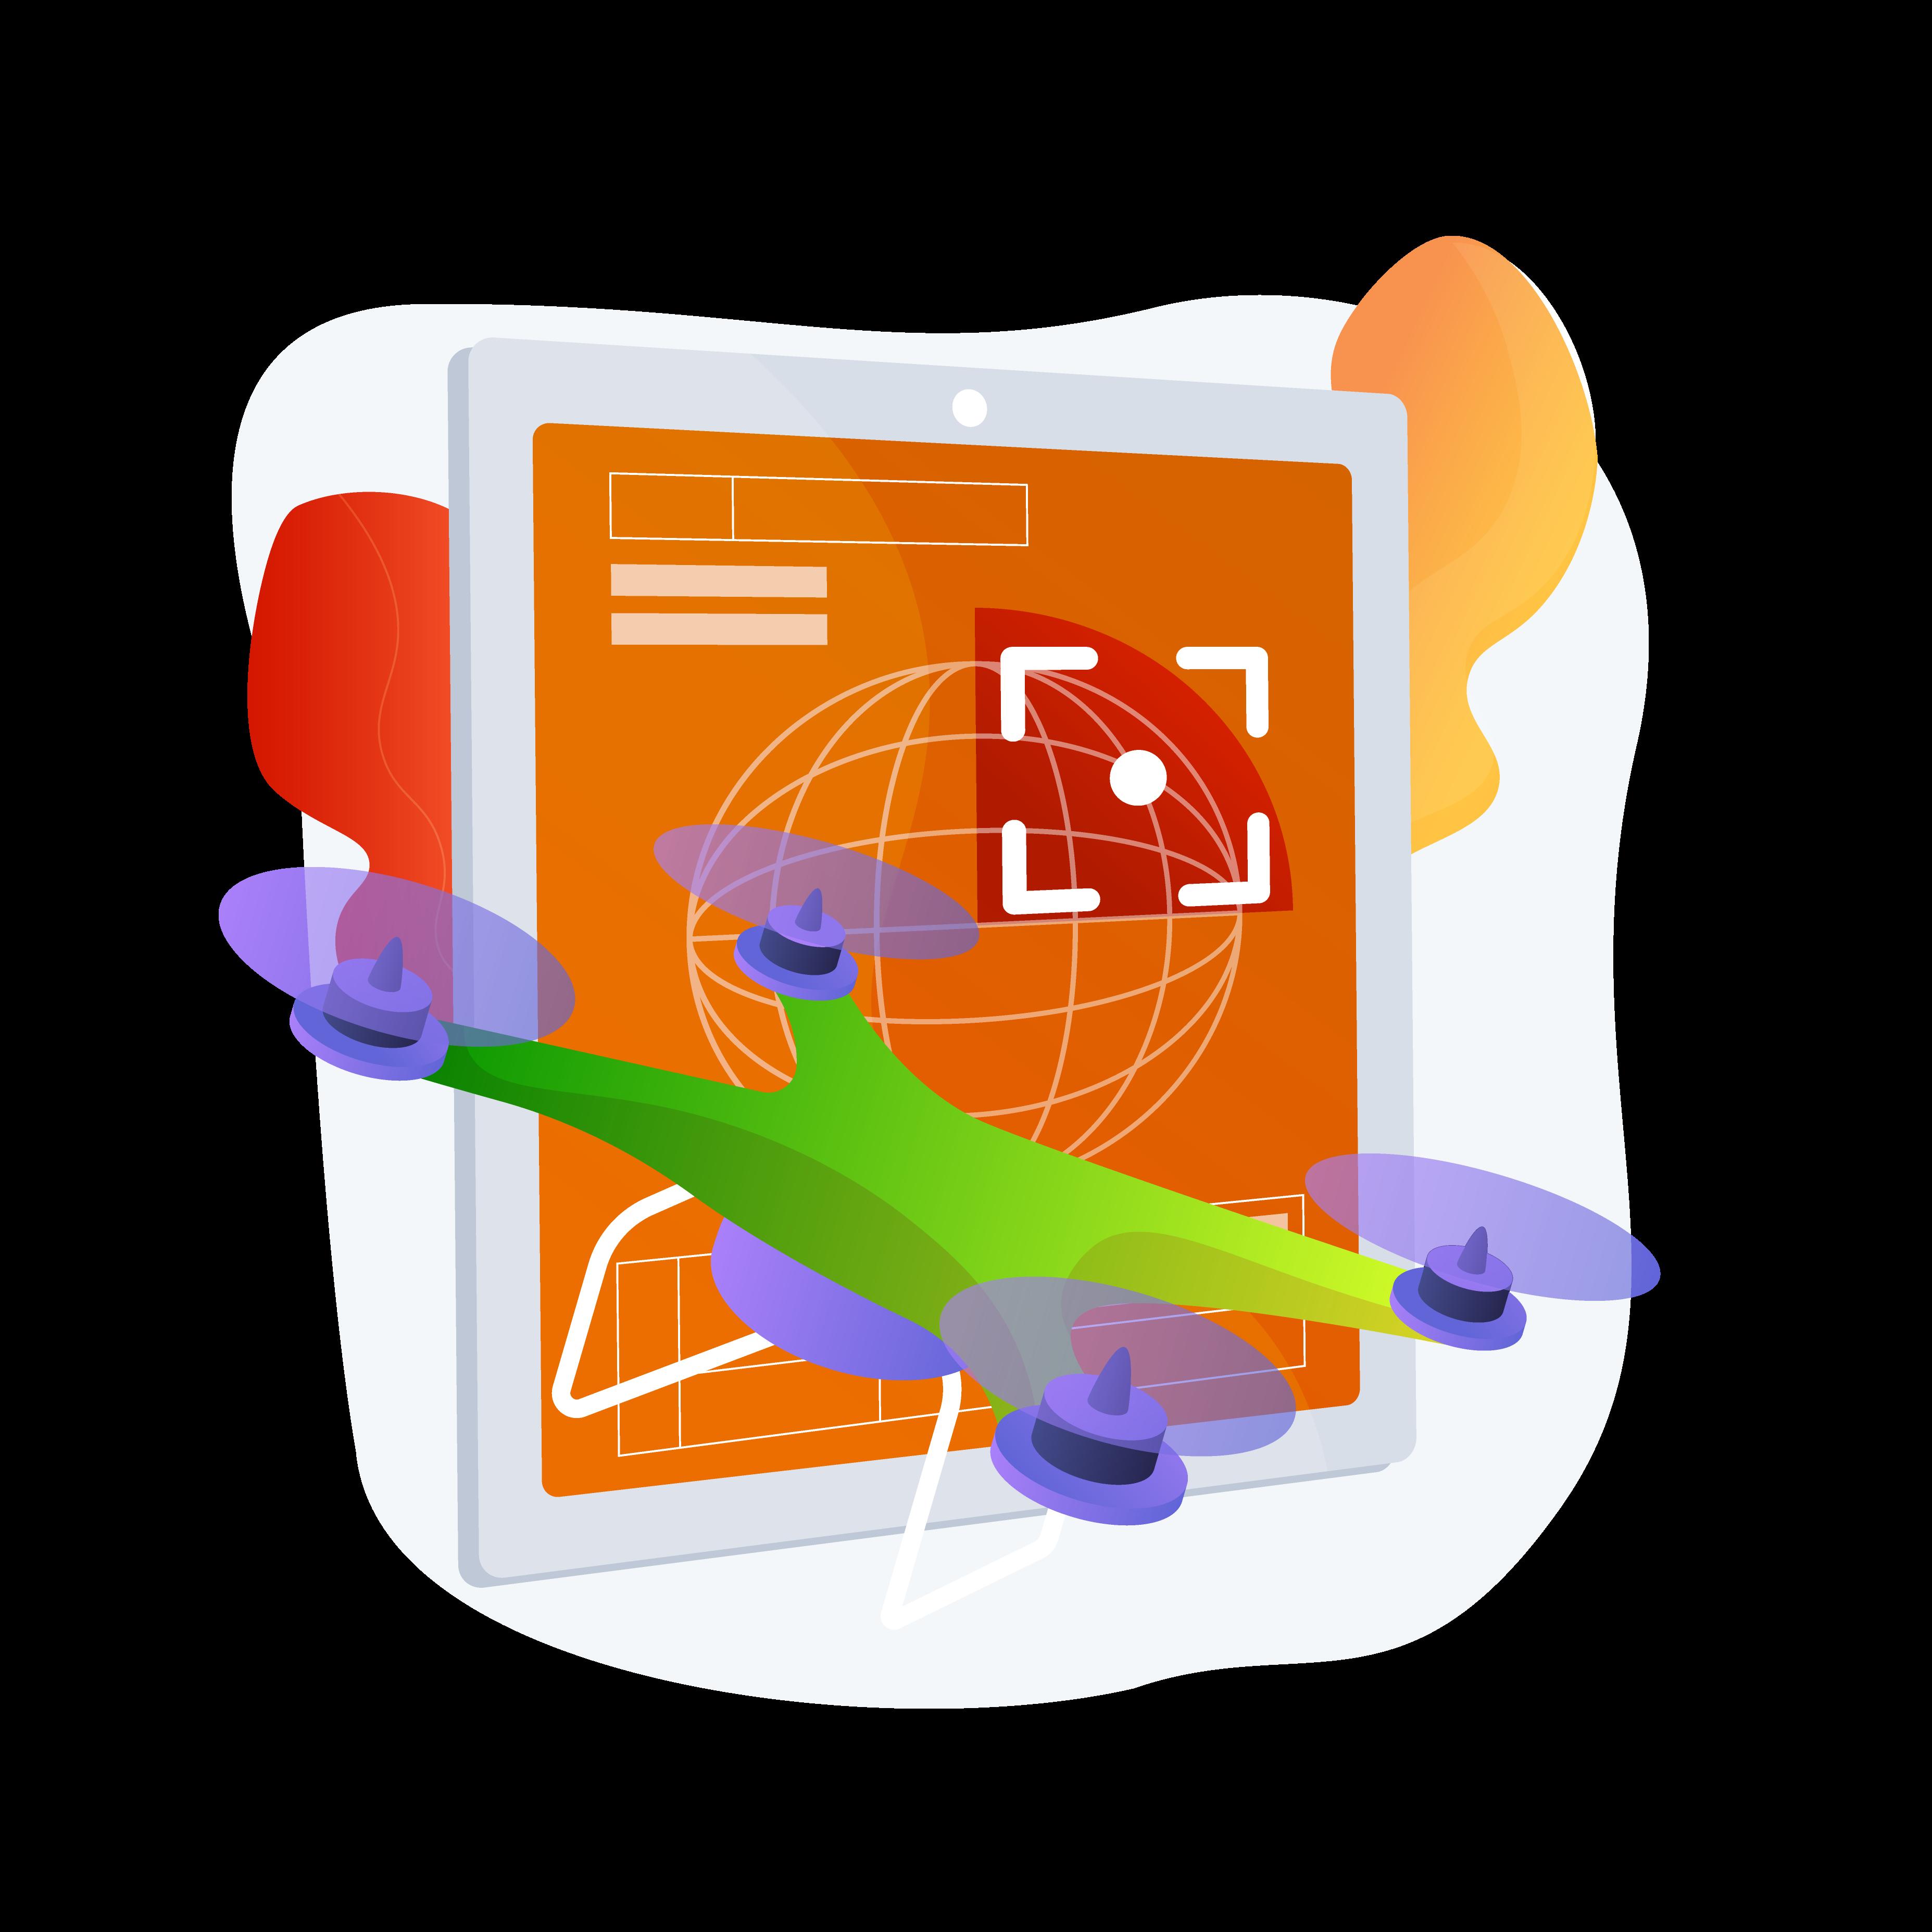 tablet_e_drone_modificati_gradiente_invertito_trasparenza